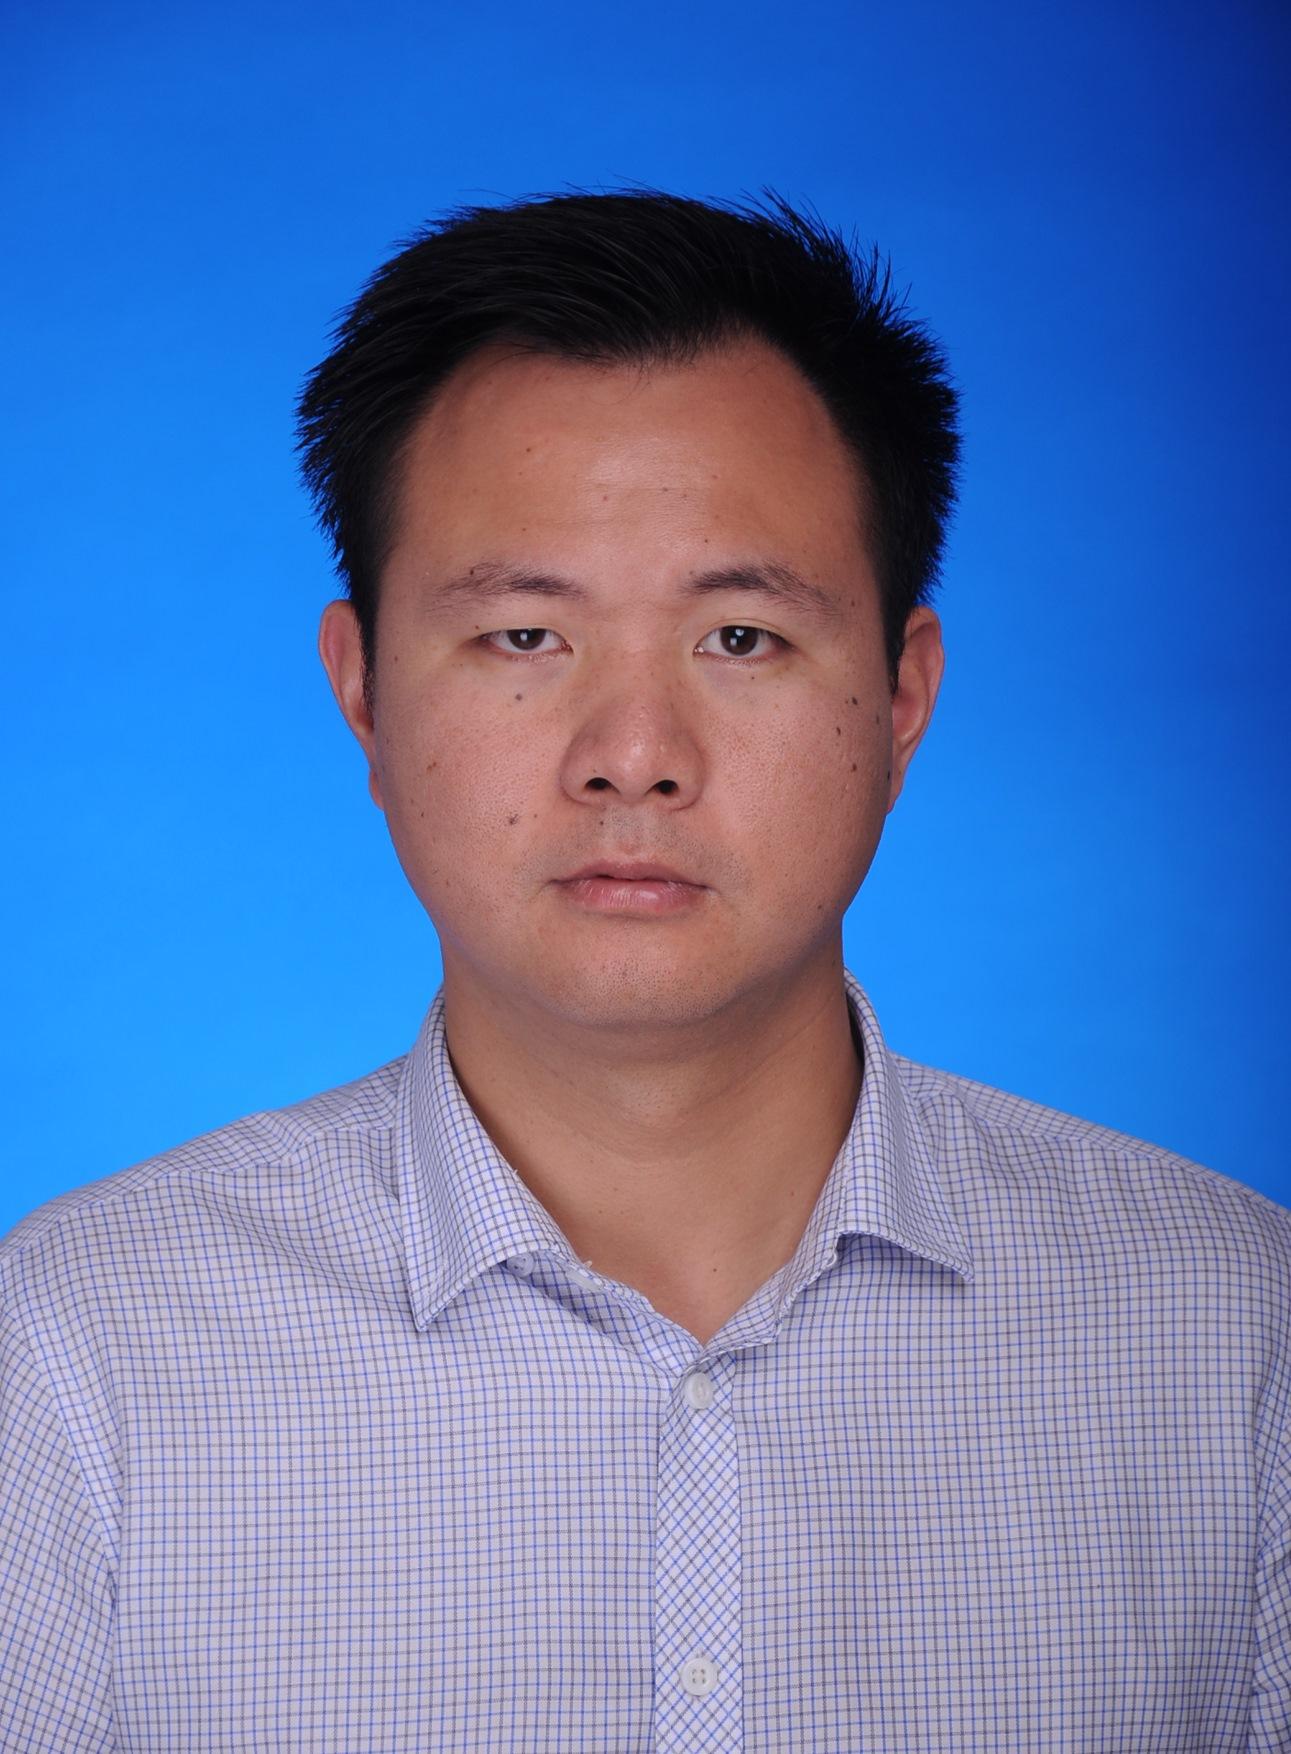 成都胡玲_律师_四川尚上律师事务所